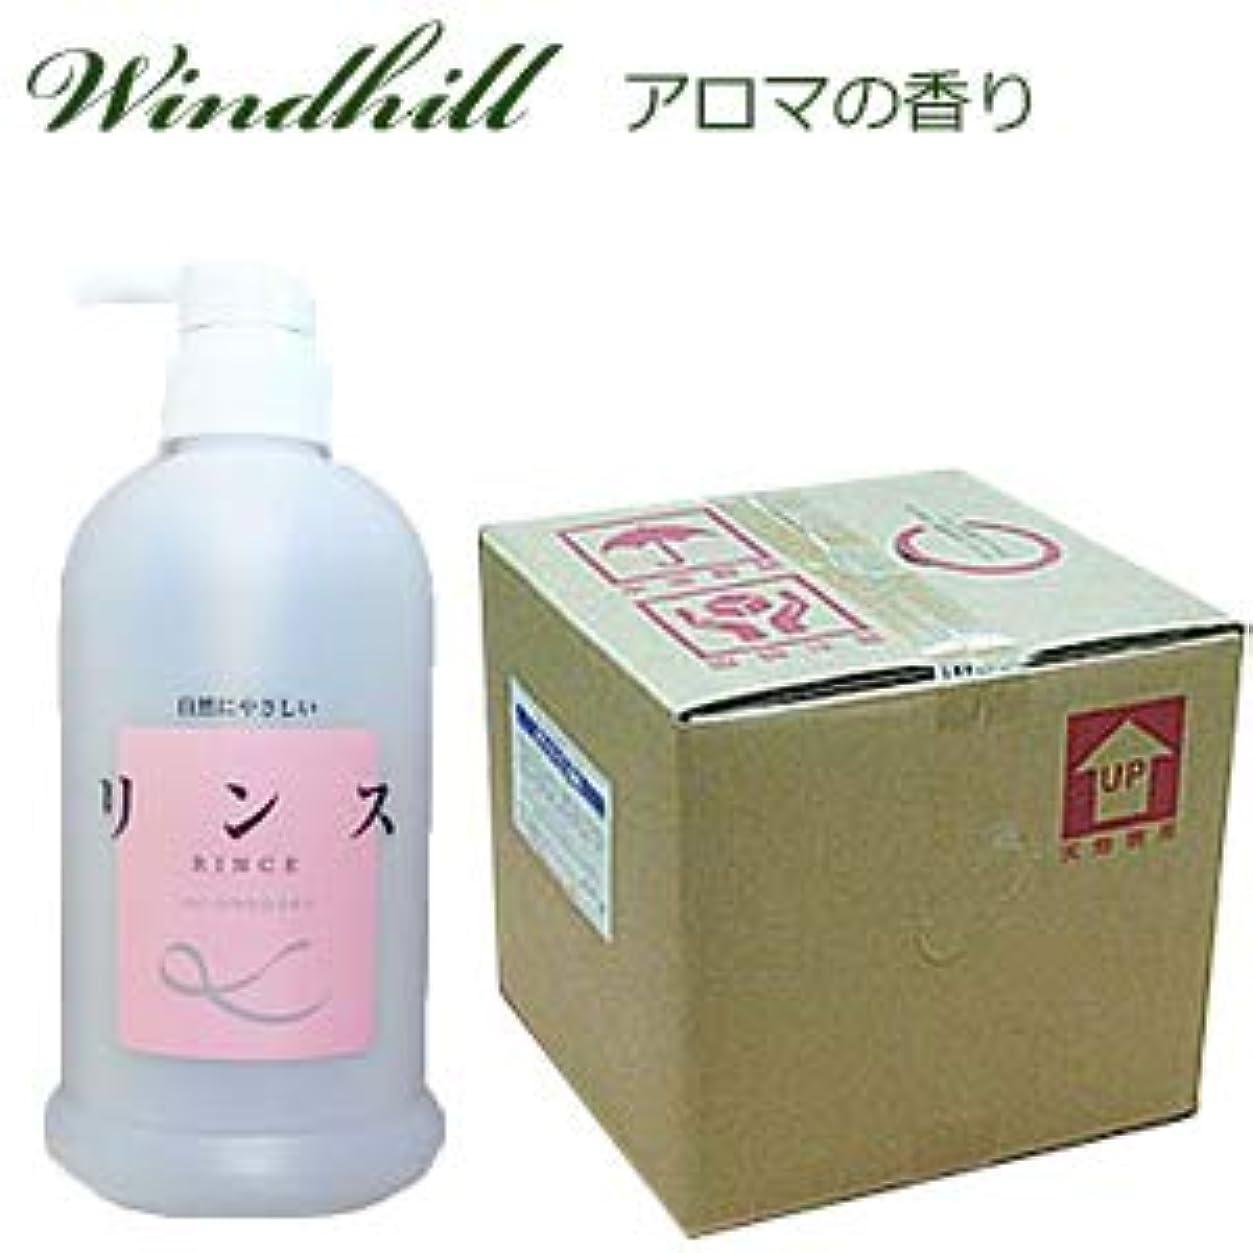 変色する大胆不敵フルートなんと! 500ml当り188円 Windhill 植物性業務用 リンス 紅茶を思うアロマの香り 20L